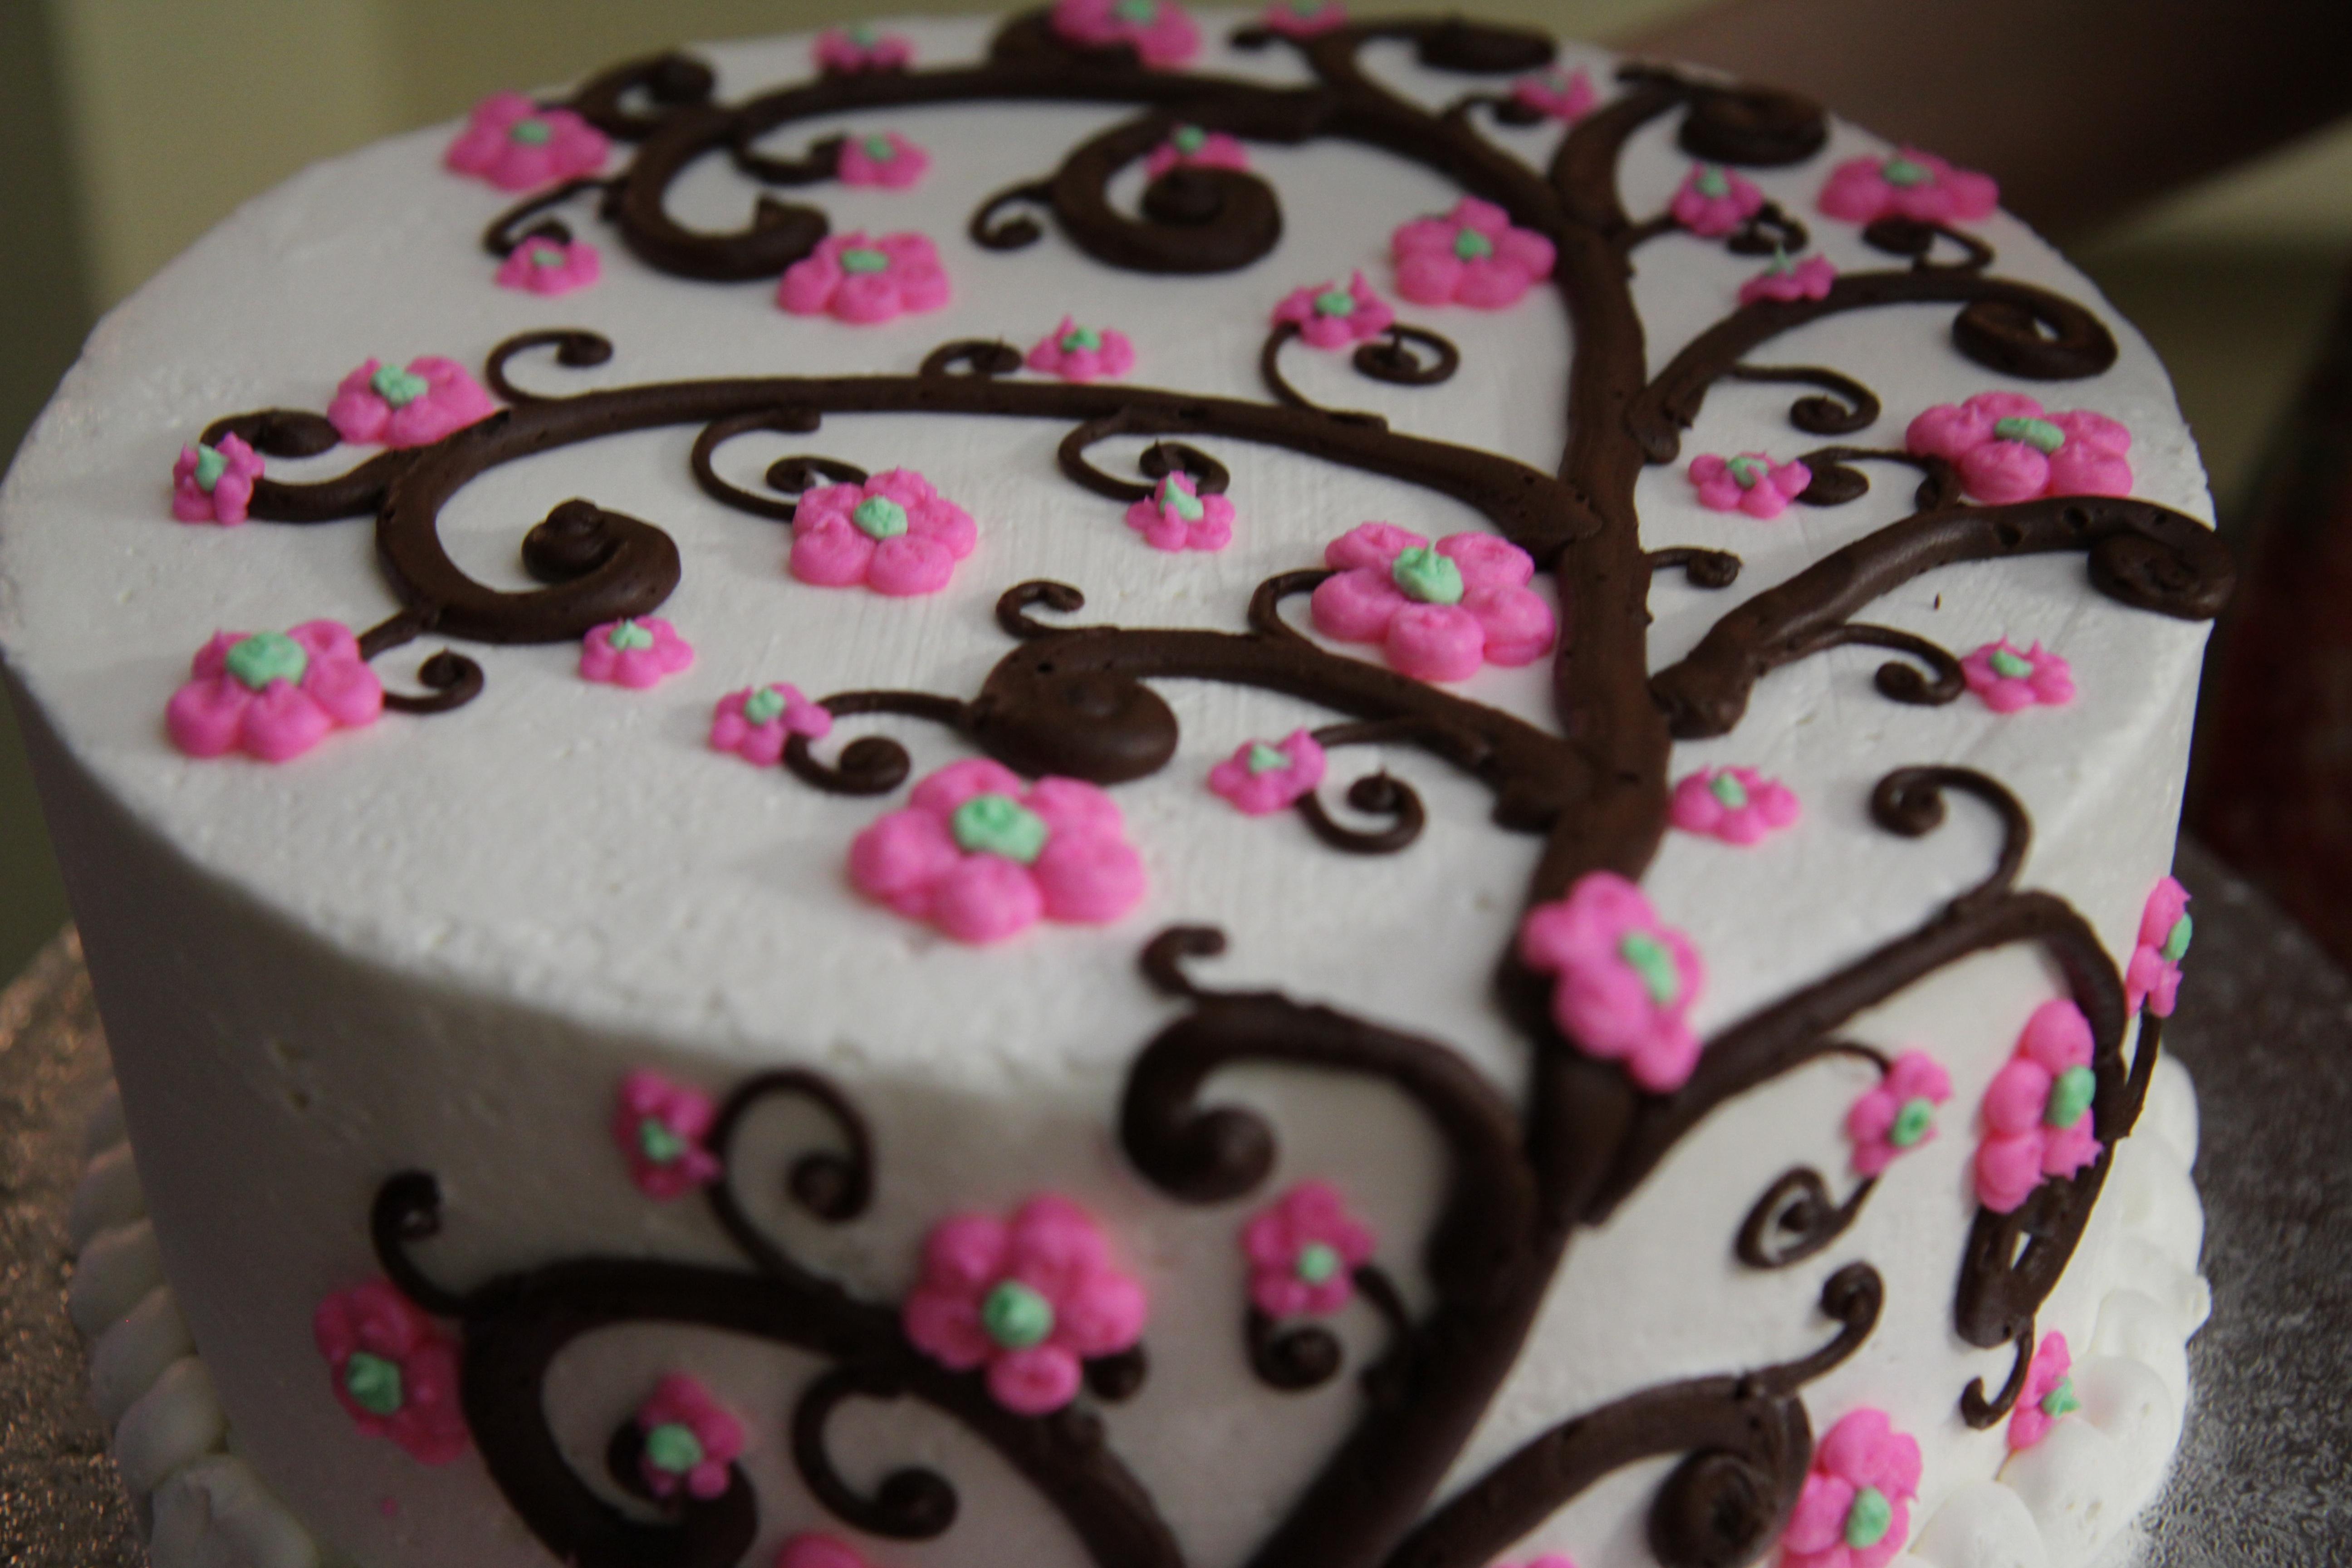 comida rosado crema postre cocina pastel panadera horneado pastel de cumpleaos formacin de hielo fondant cumpleaos